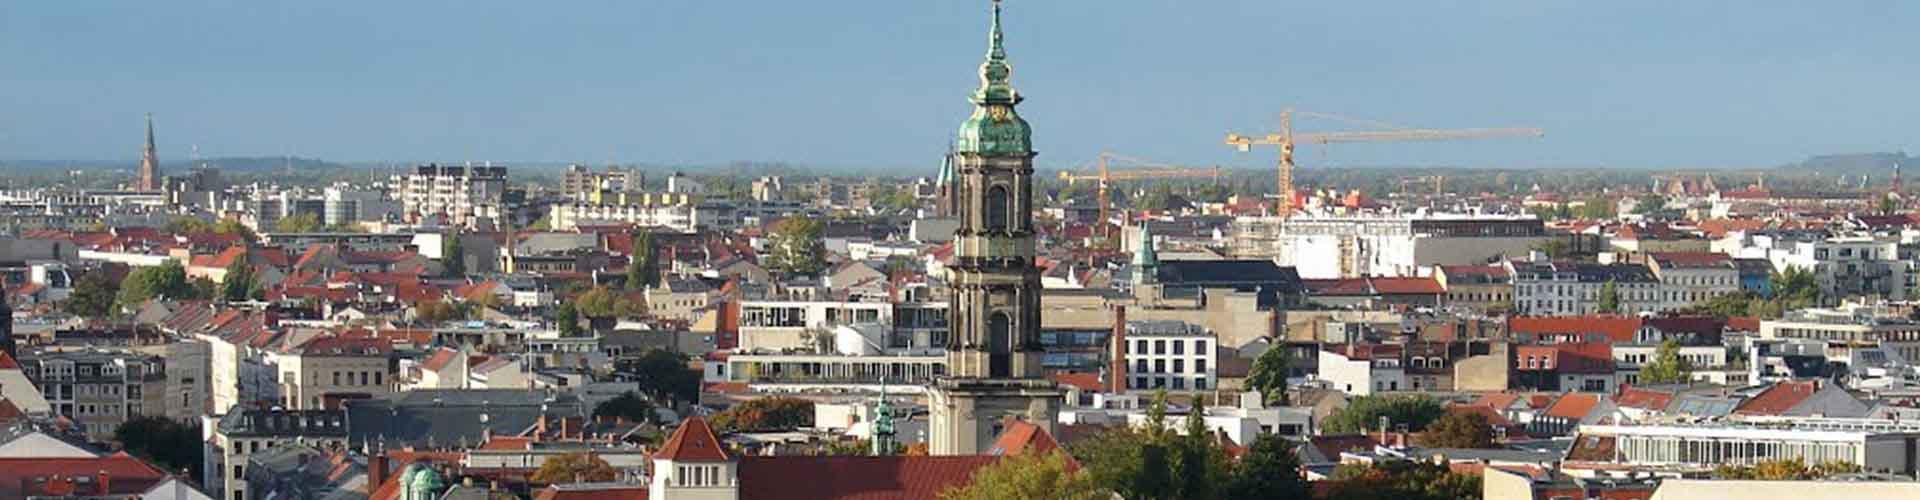 Berlín - Hoteles baratos en el distrito Spandauer Vorstadt. Mapas de Berlín, Fotos y comentarios de cada Hotel barato en Berlín.